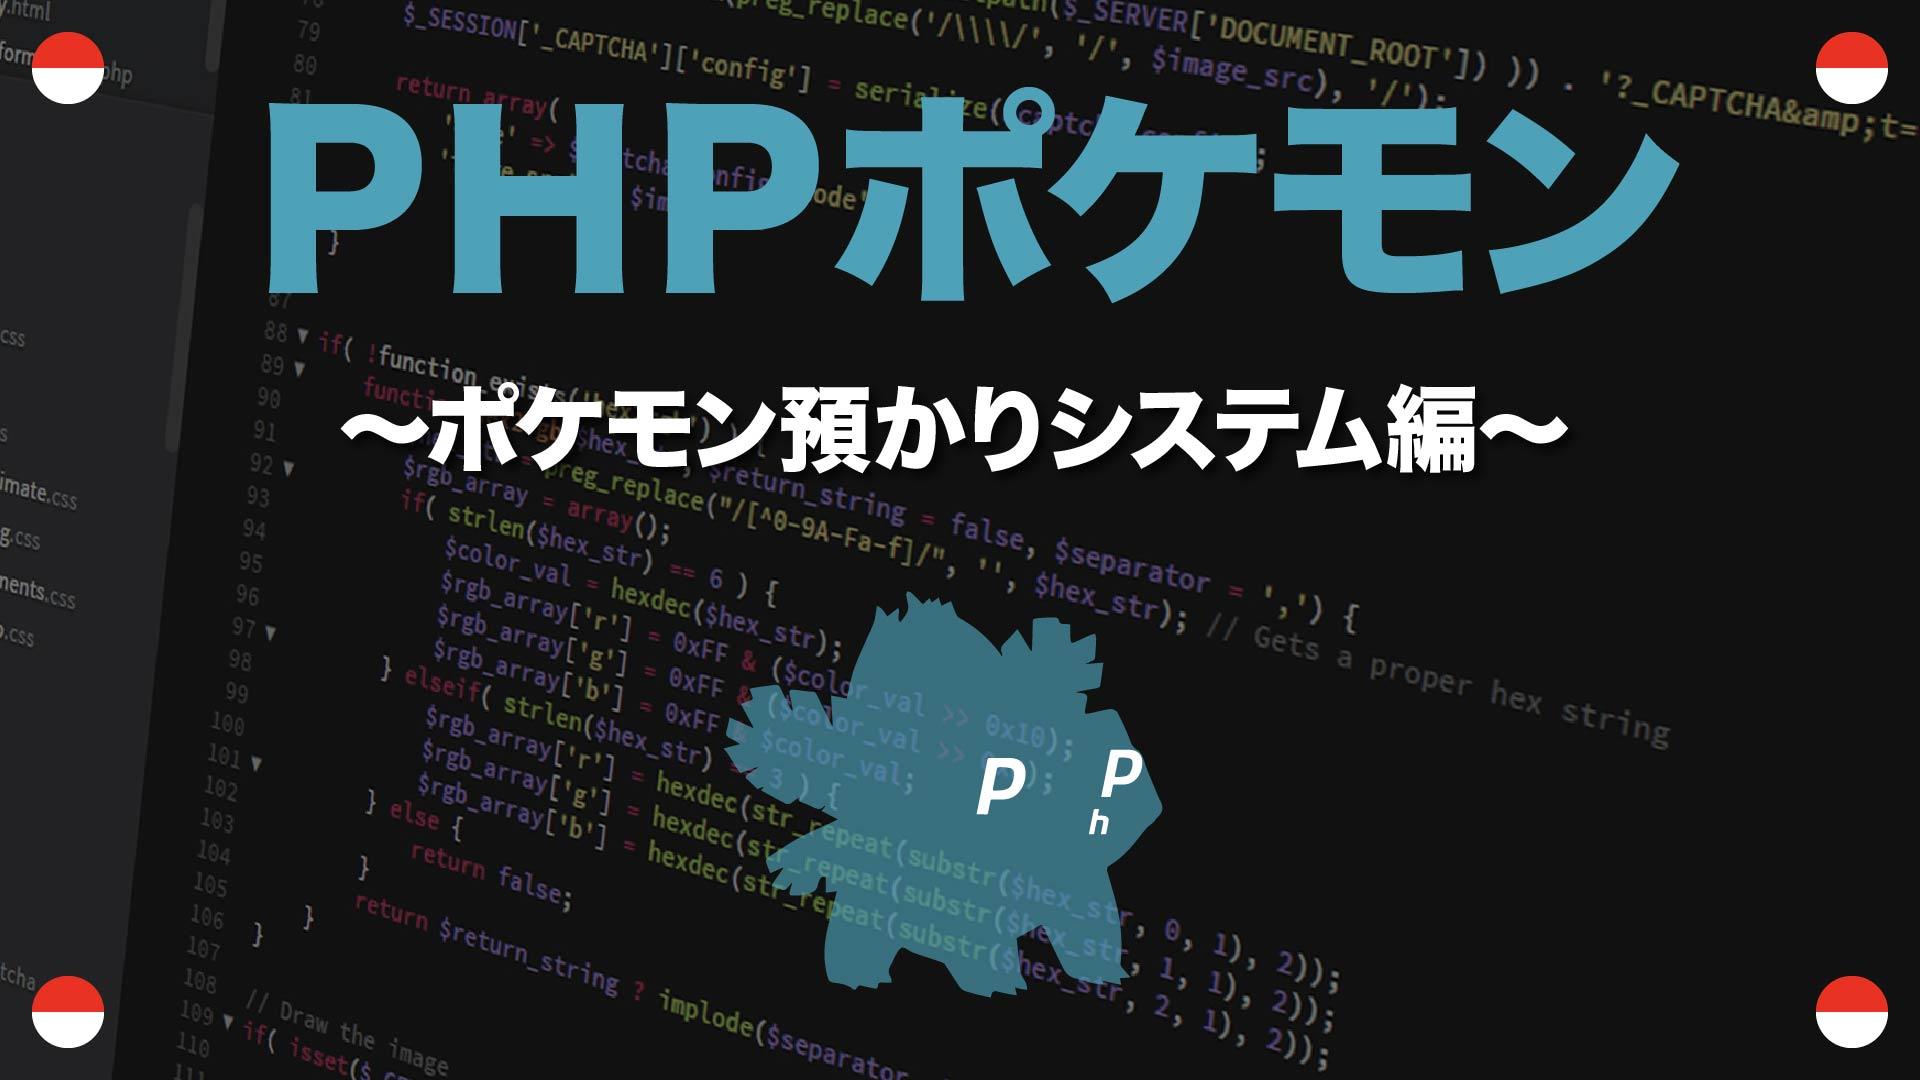 ポケモン預かりシステム編 PHPポケモン 85